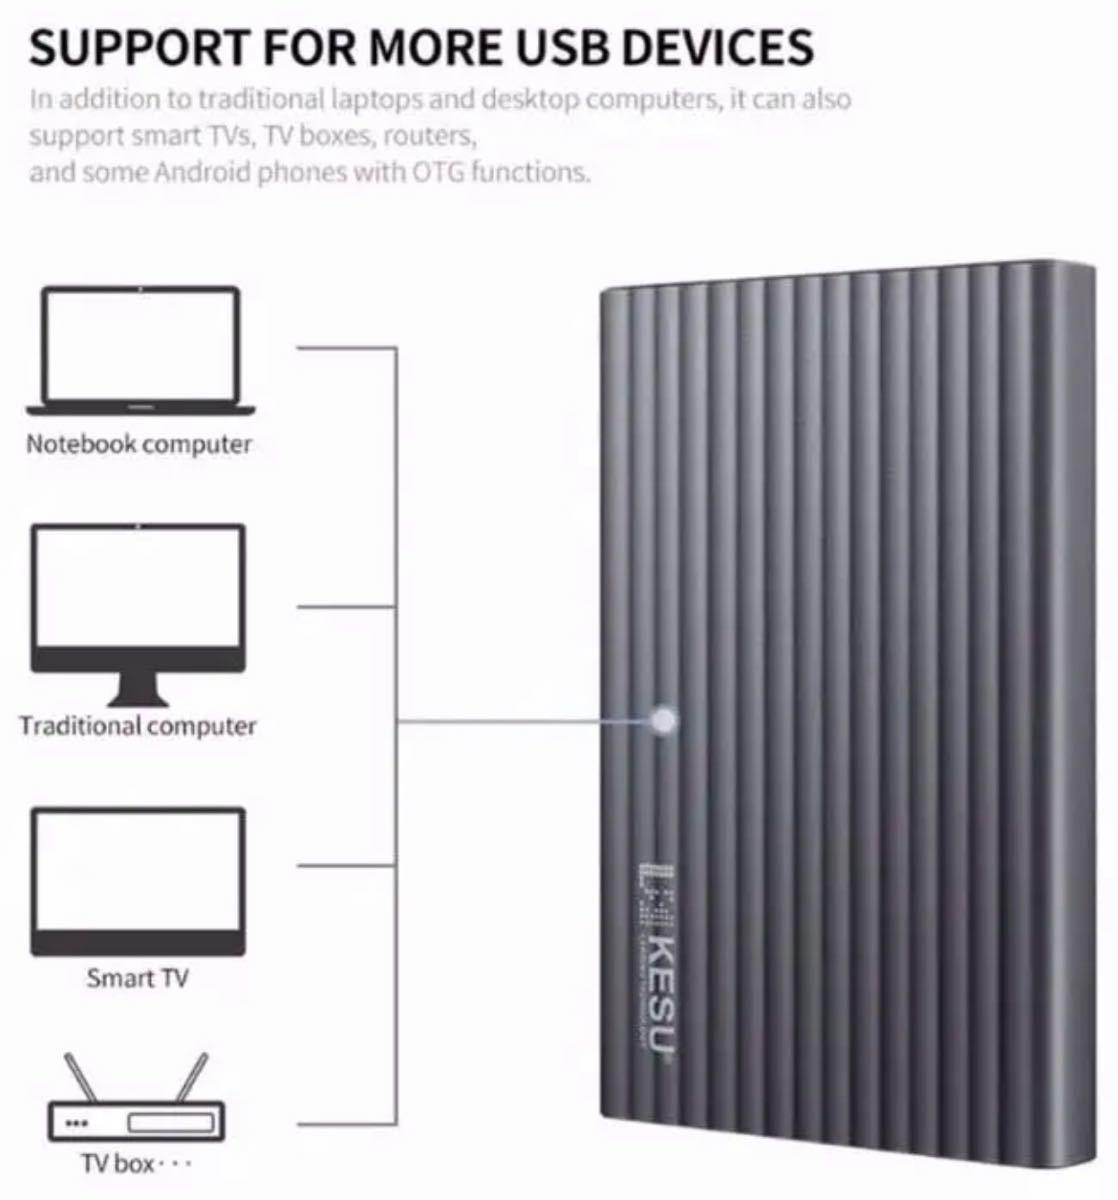 外付けHDD ポータブル モバイル ハードディスク 250GB アルミ合金